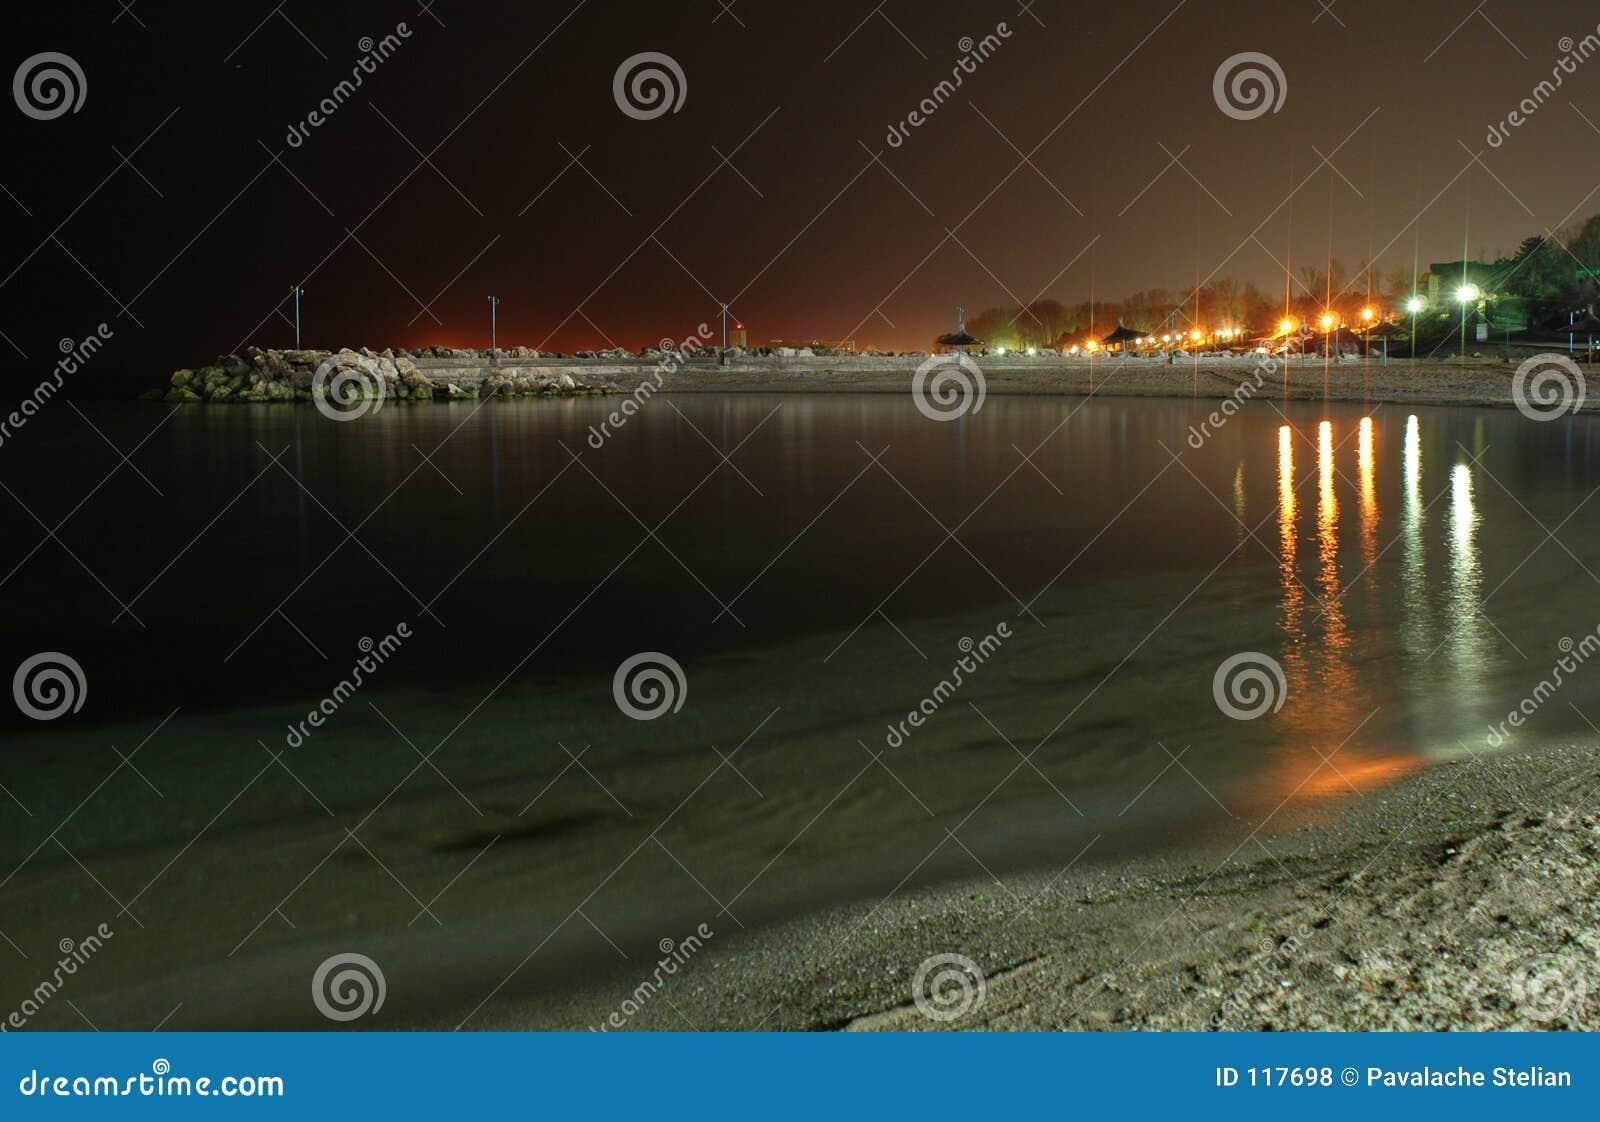 Black Sea on Night